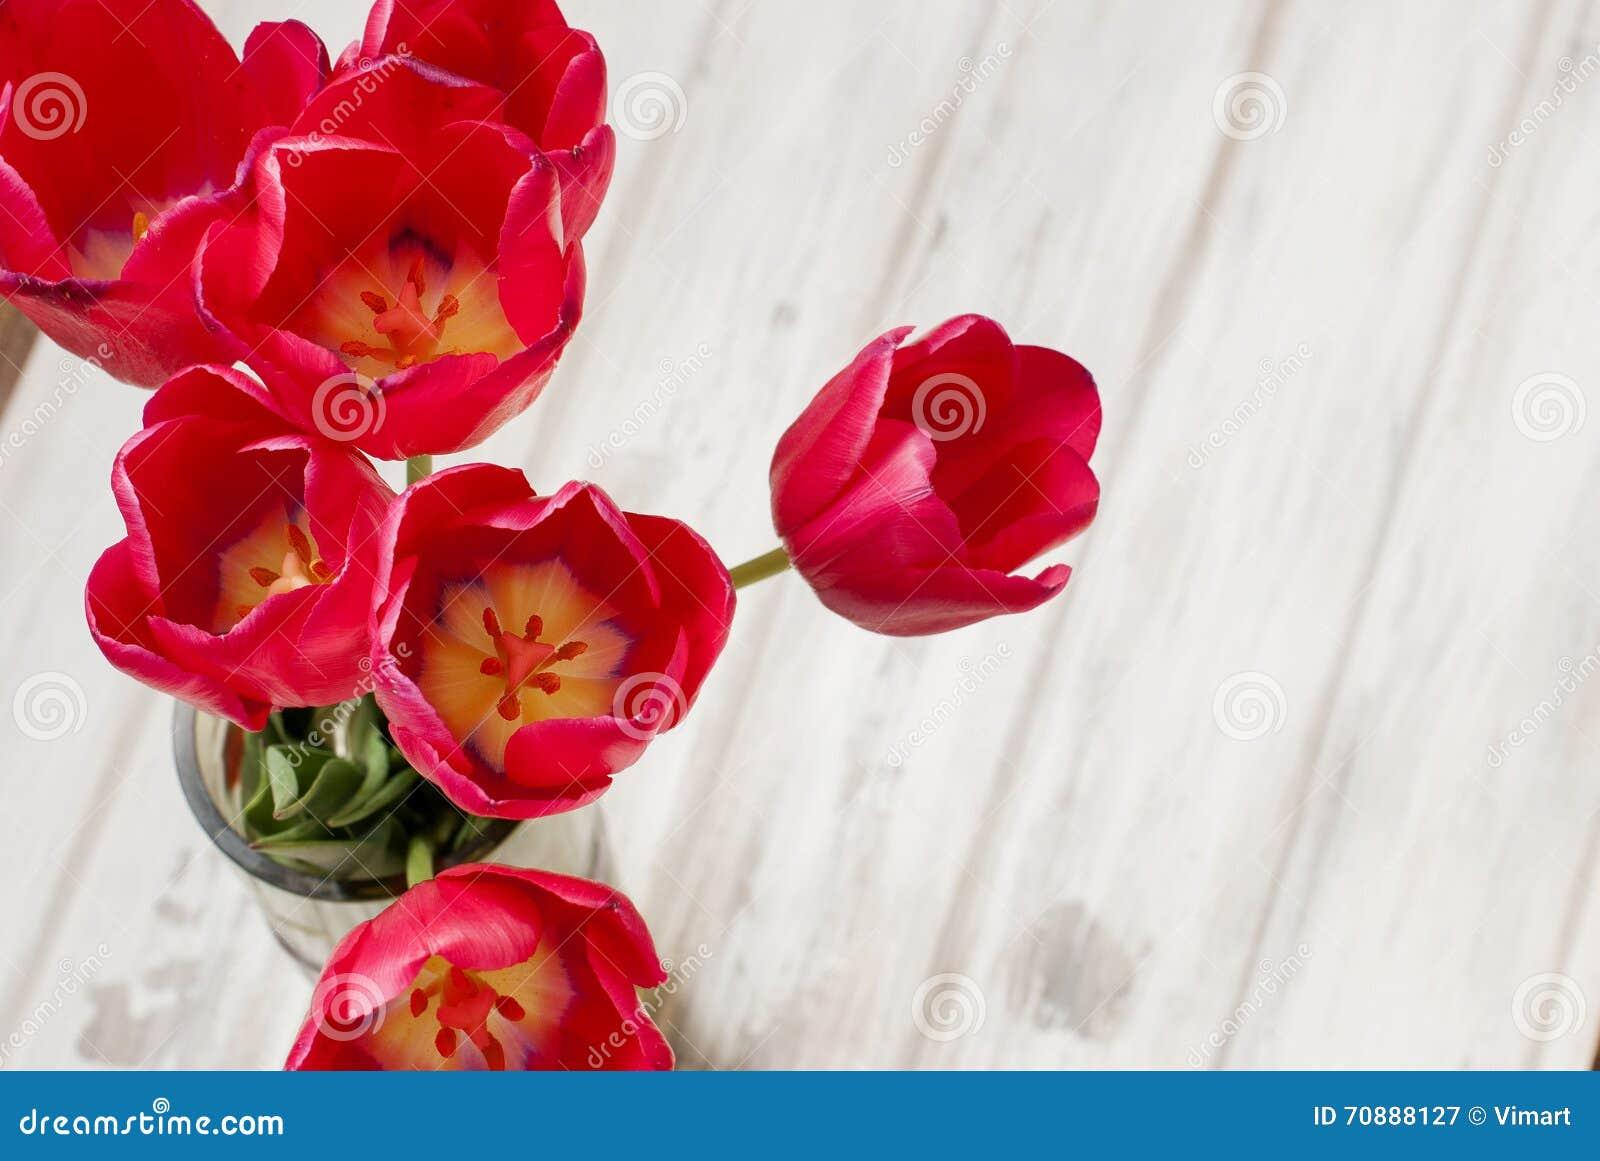 La primavera florece el florero rojo del ina de los tulipanes